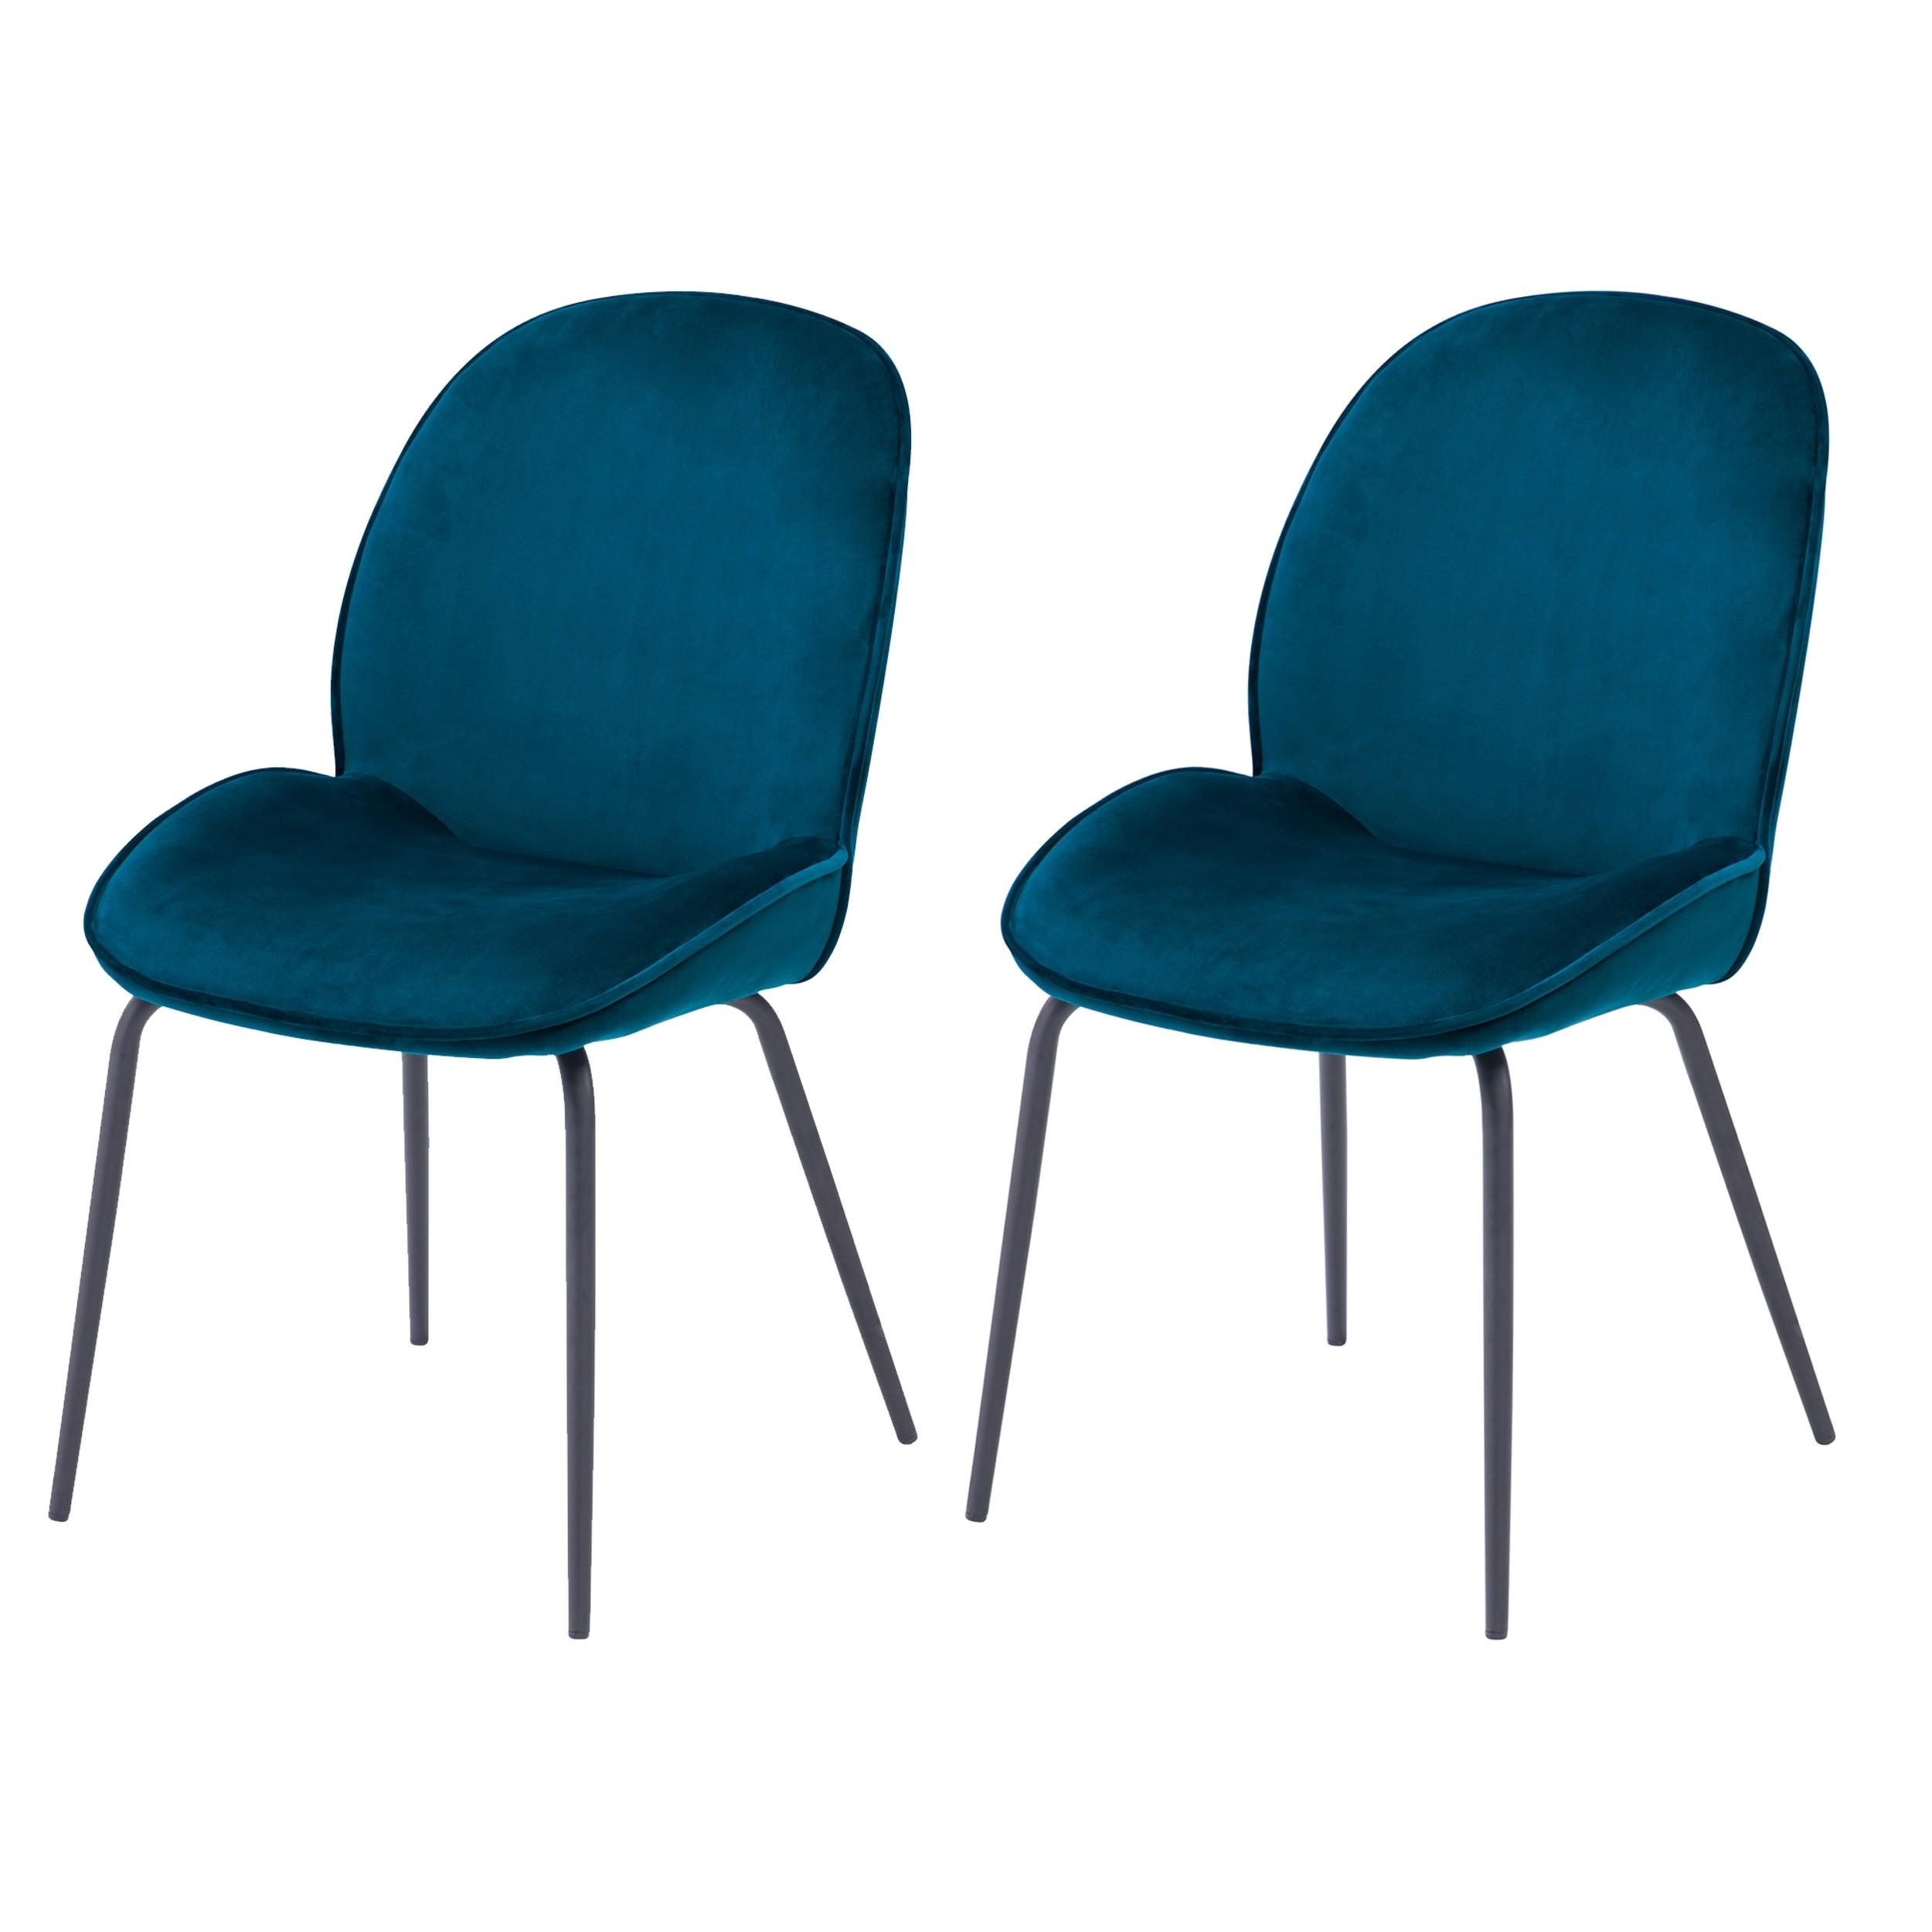 achat chaise en velours bleu fonce